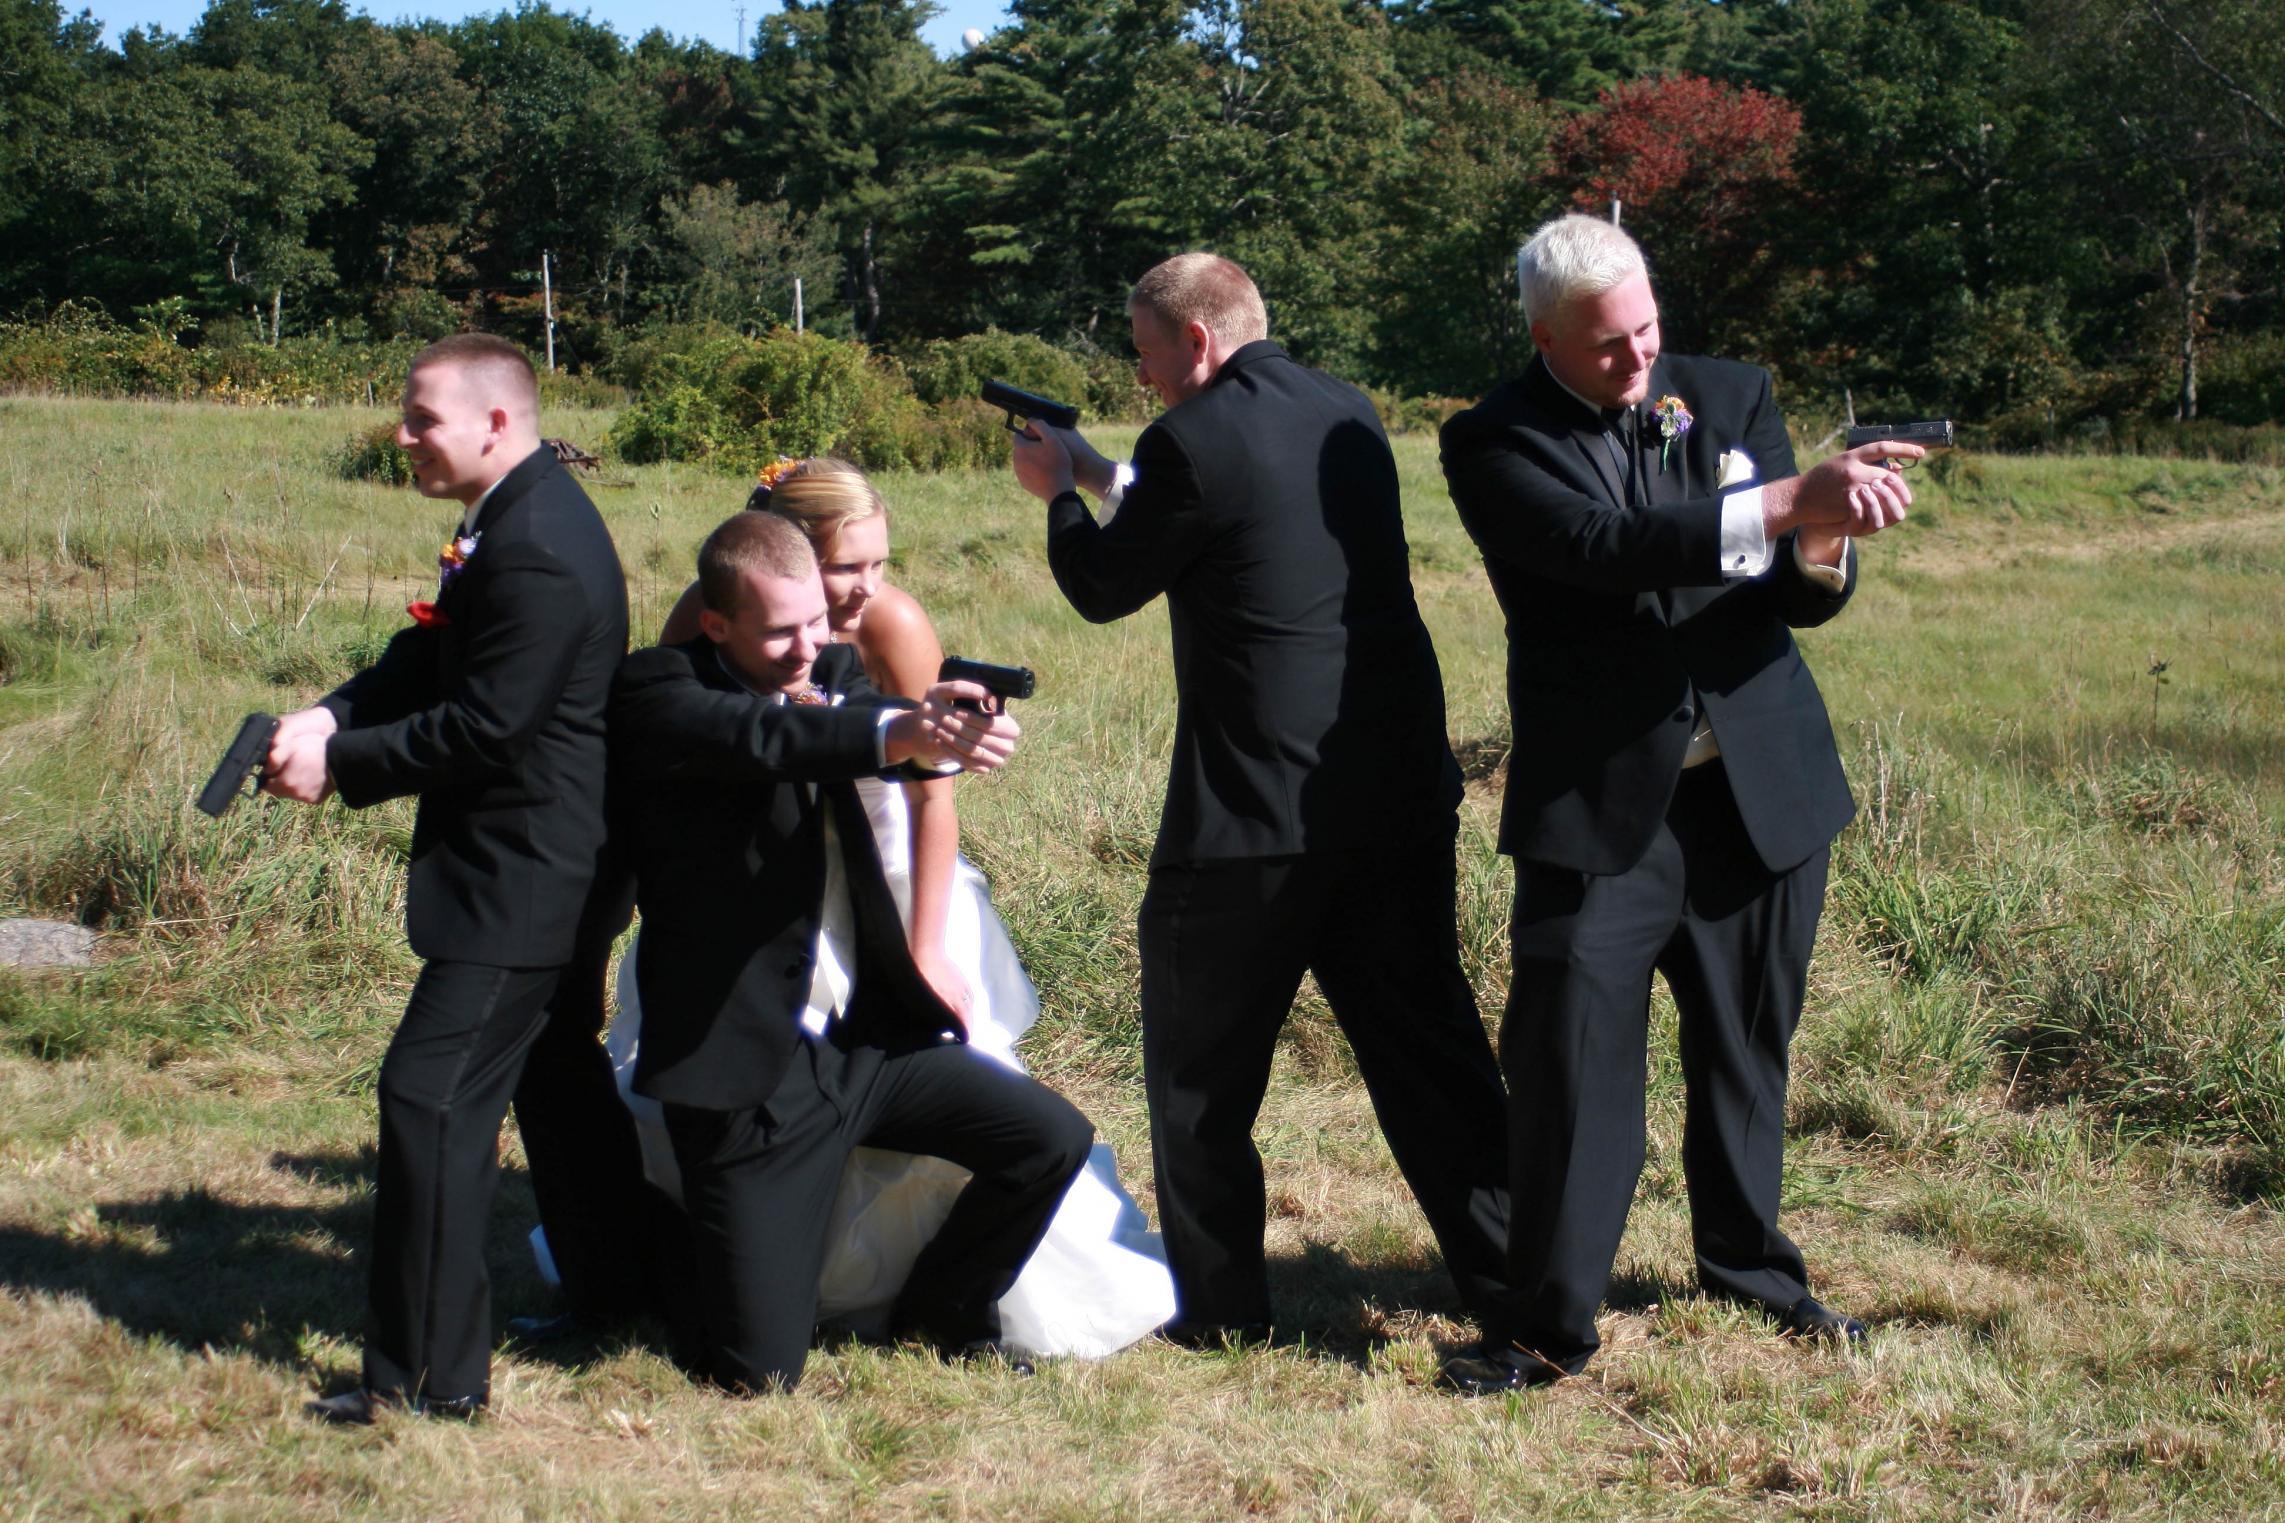 Fun Wedding/Gun Pictures!-zzzzzzzzzzzzzzbond0021.jpg